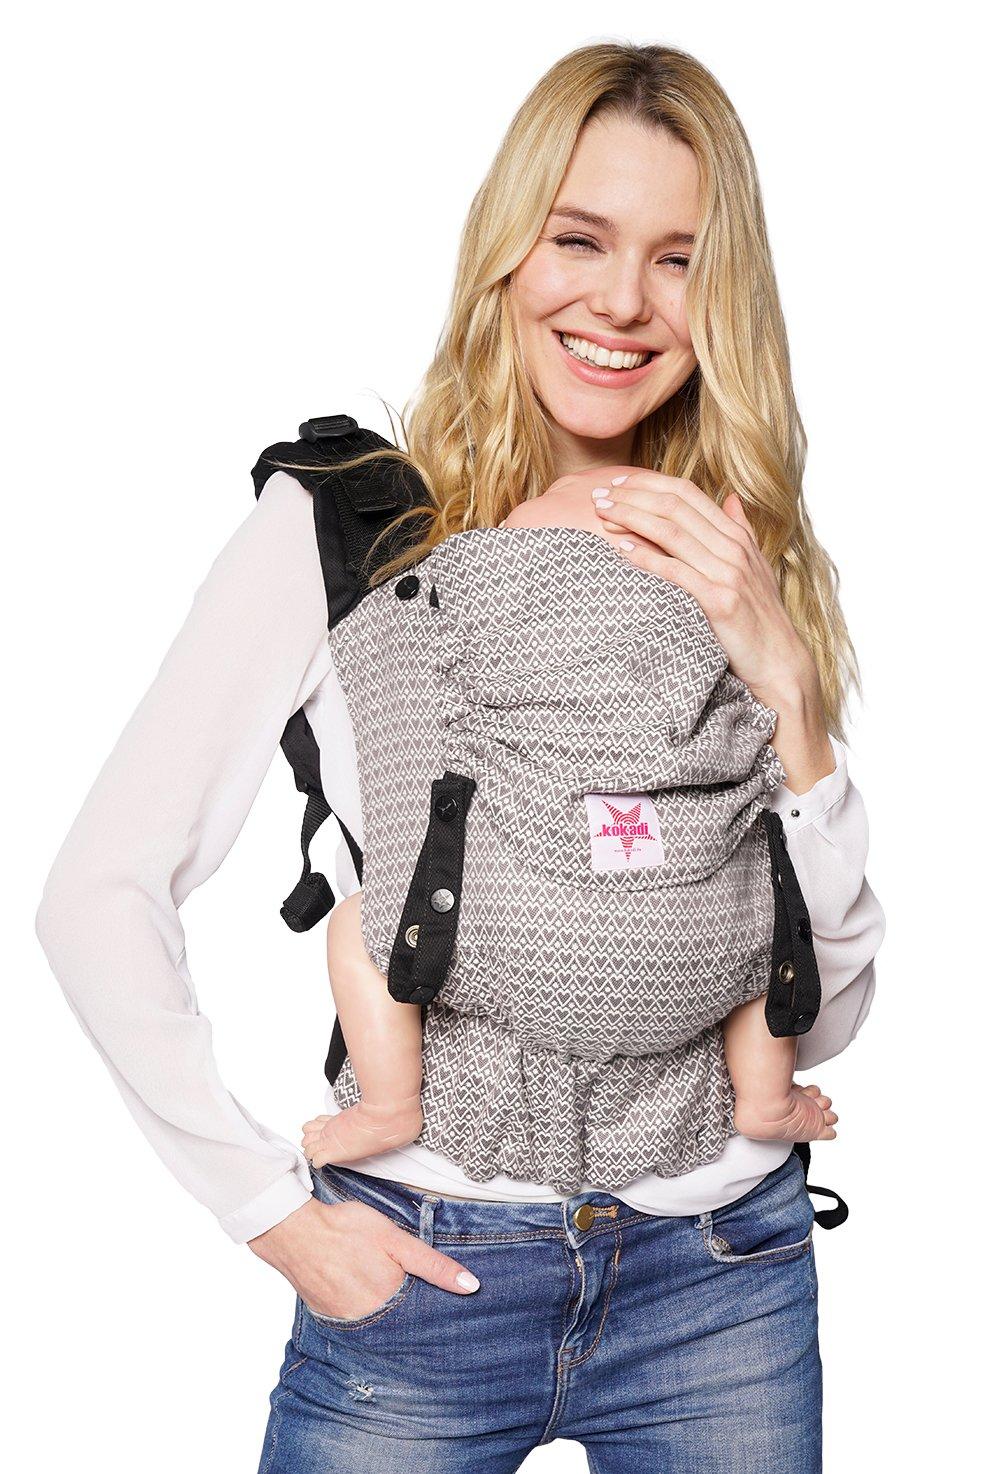 Babytrage: KOKADI/® Flip ✓ Neugeborene /& Kleinkinder ✓ Ergonomisch ✓ Steg verstellbar ✓ Bio-Baumwolle ✓ ab Geburt bis 20kg ✓ GRATIS Beutel Heart2Heart Baby